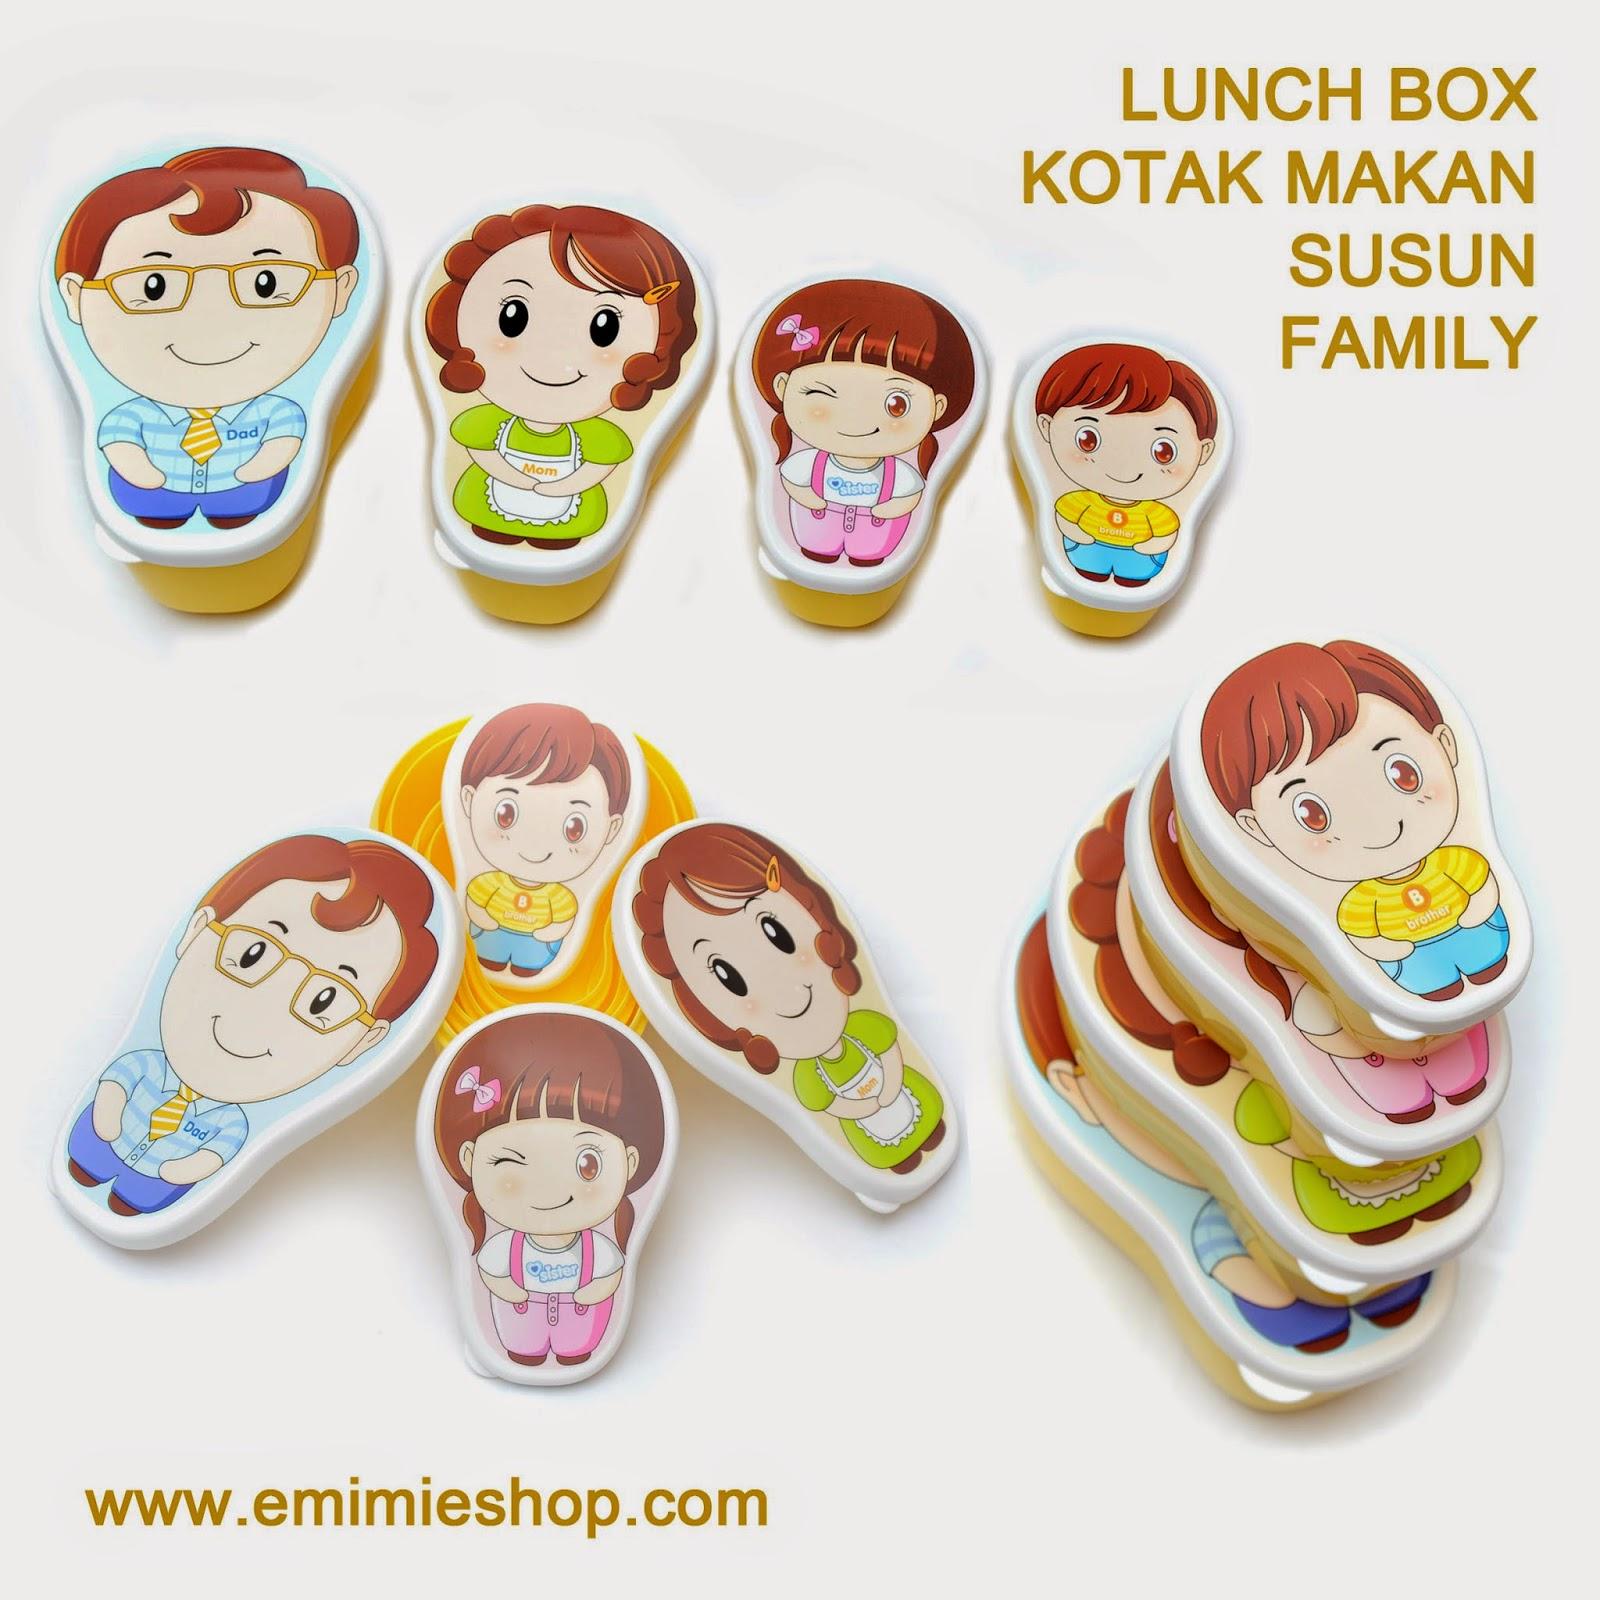 kotak makan family series